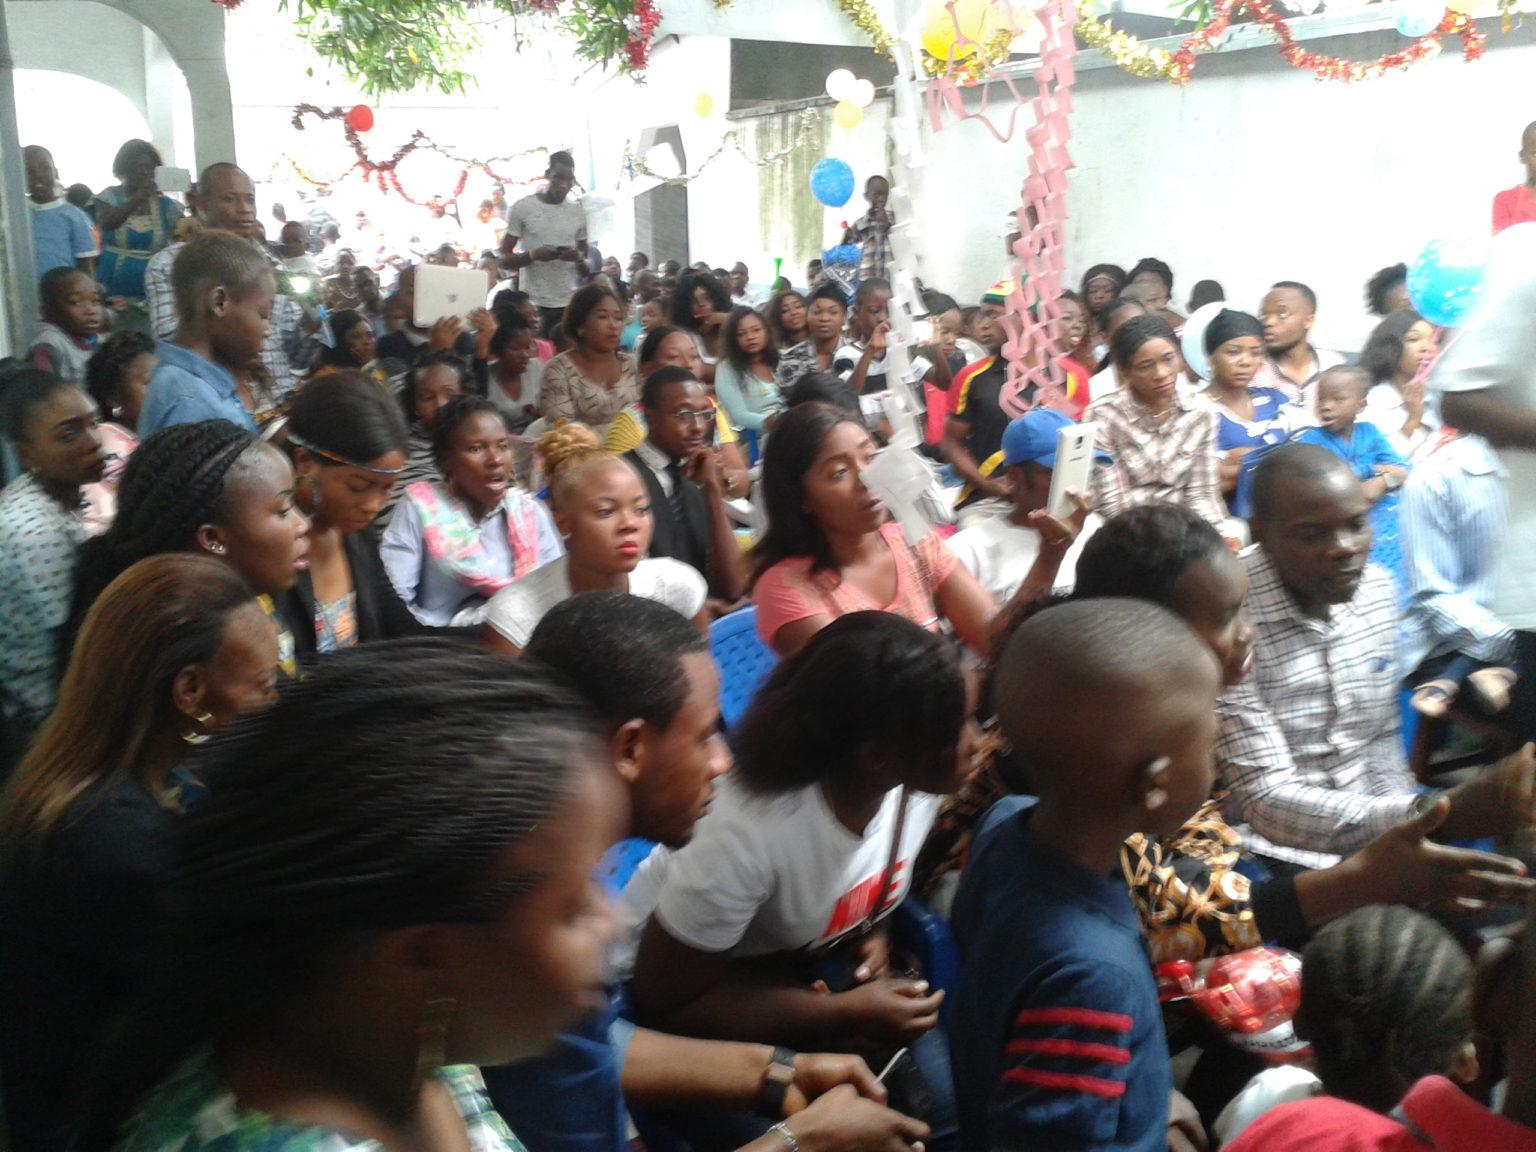 ecole-maternelle-Tokolo-Lisanga-Kinshasa-6